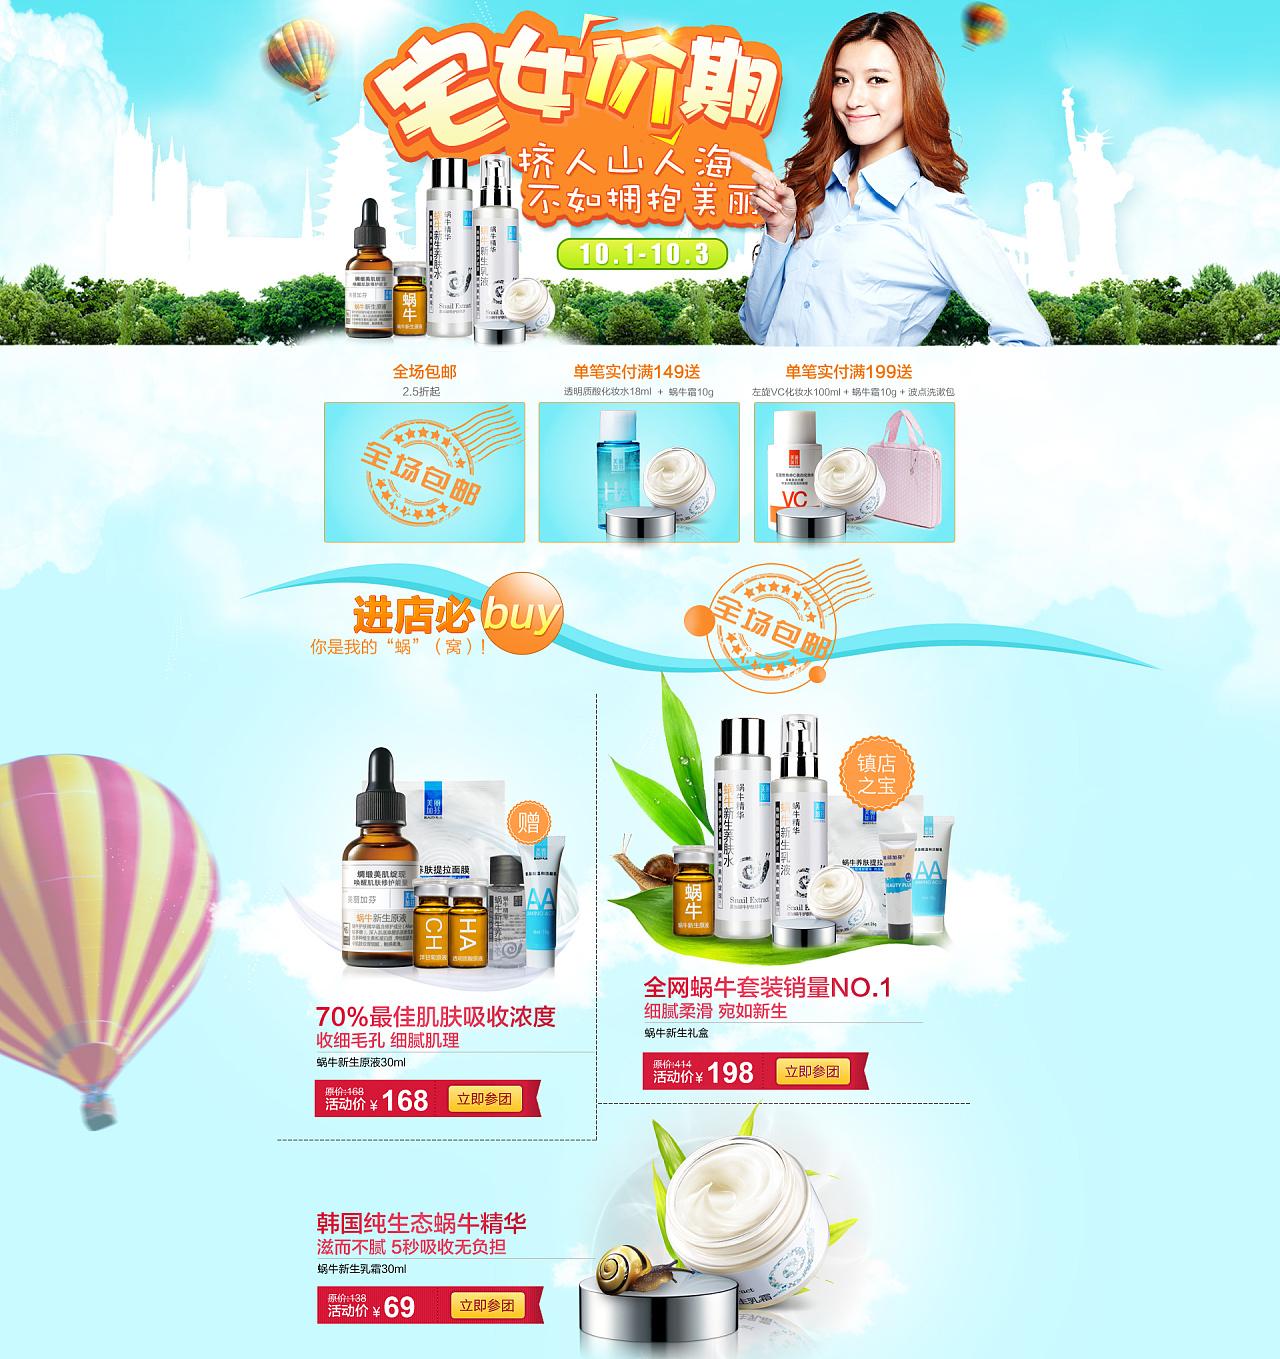 淘宝天猫商城 美妆化妆品首页 国庆聚划算品牌